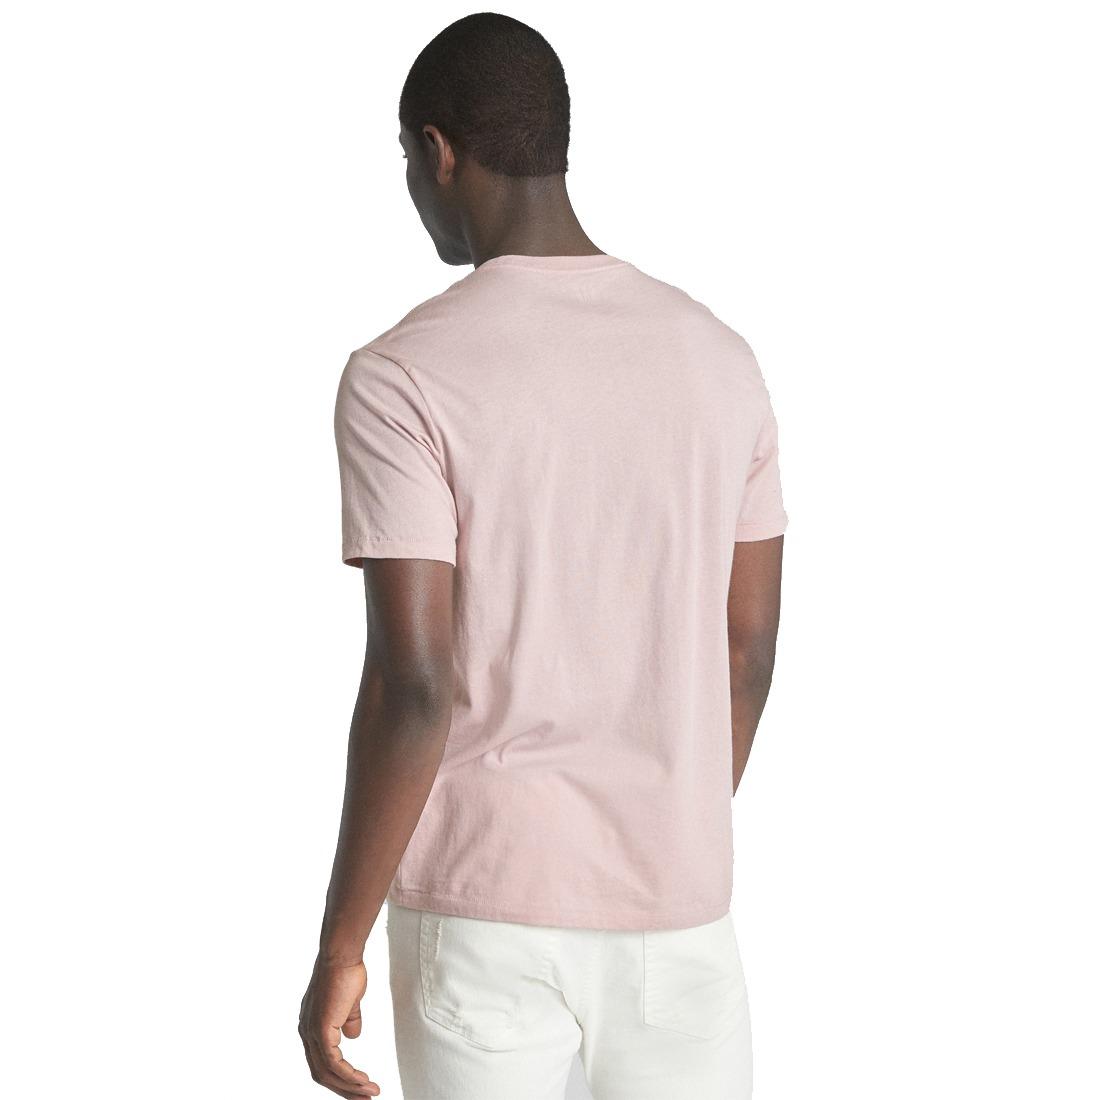 Playera Gap Hombre Claro Shirt Manga T Camiseta Corta Rosa ARL4cq35jS